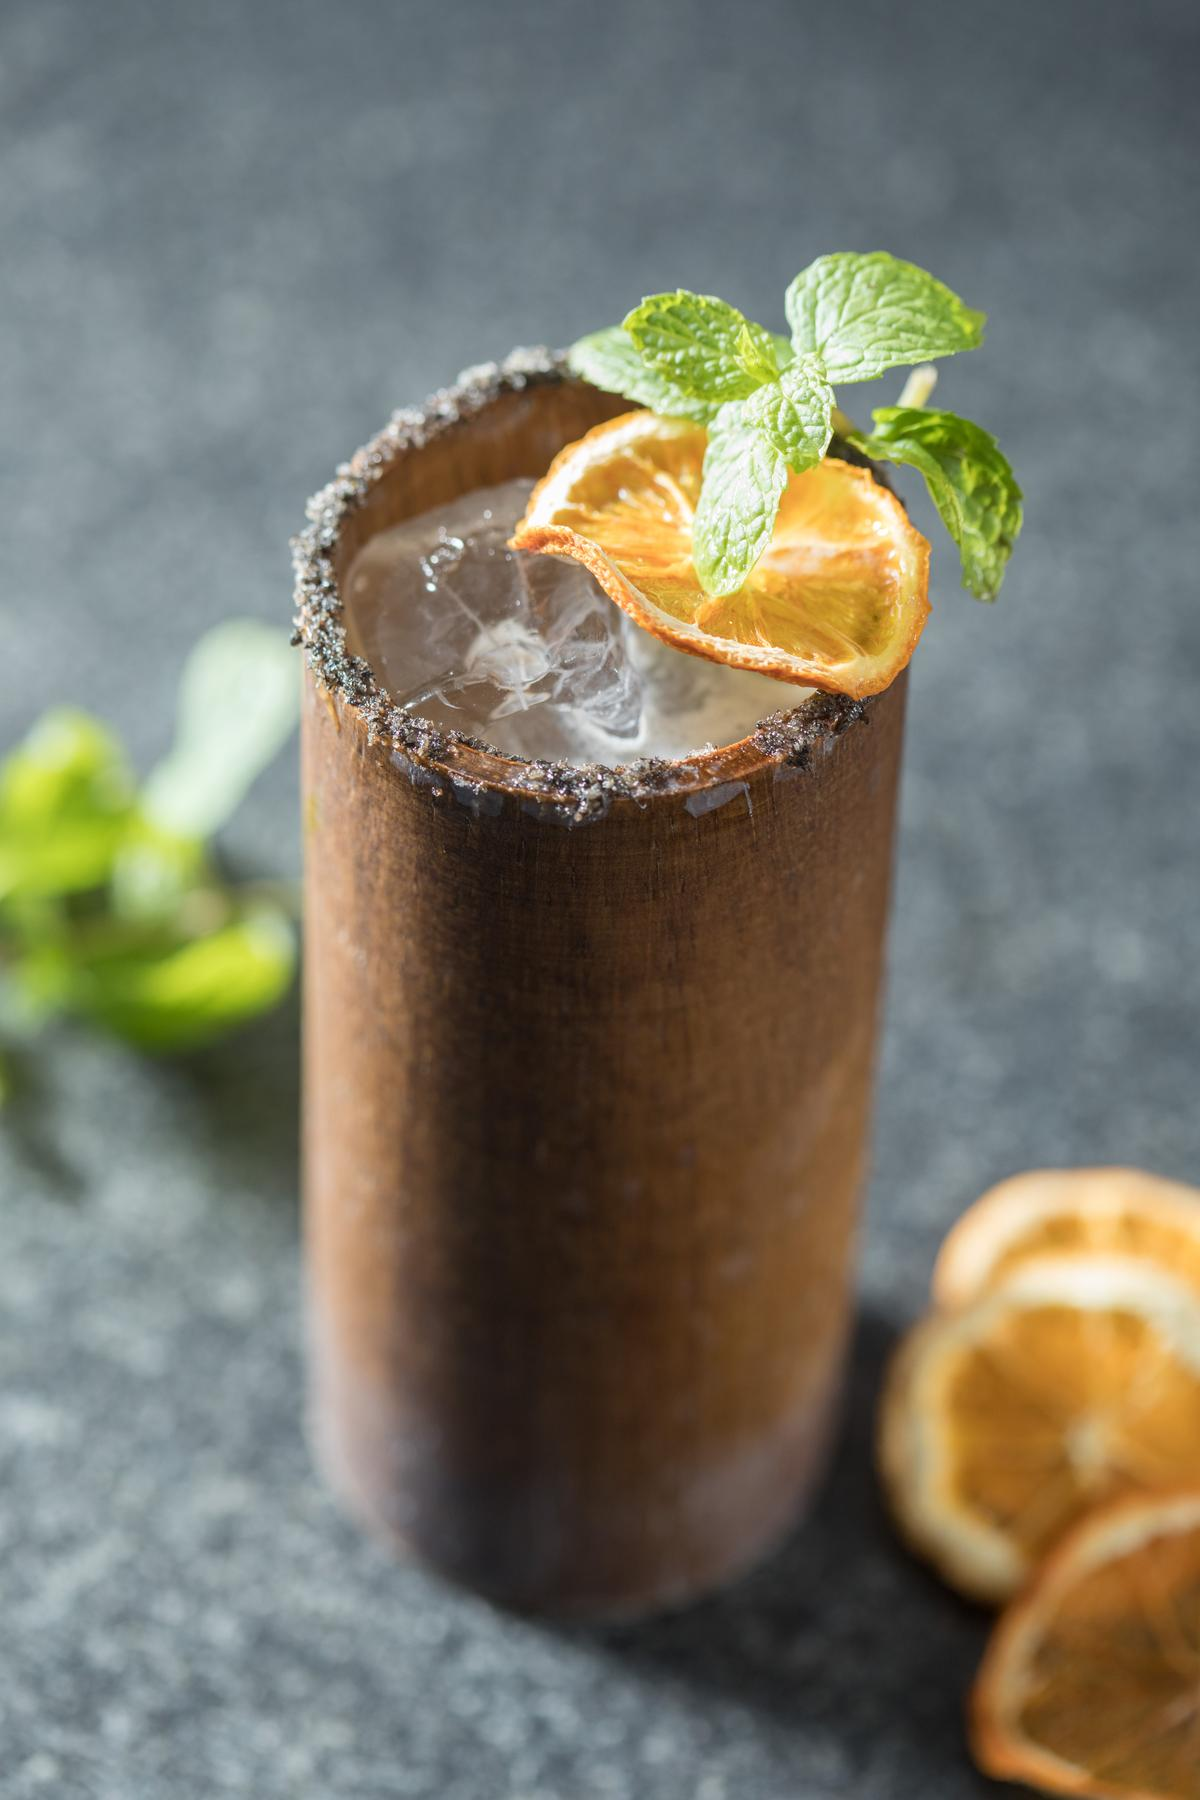 加了酒釀的「平埔細語」香滑酸甜,加入野牛草伏特加還有很夏天風情的飽滿草香味。(300元/杯)